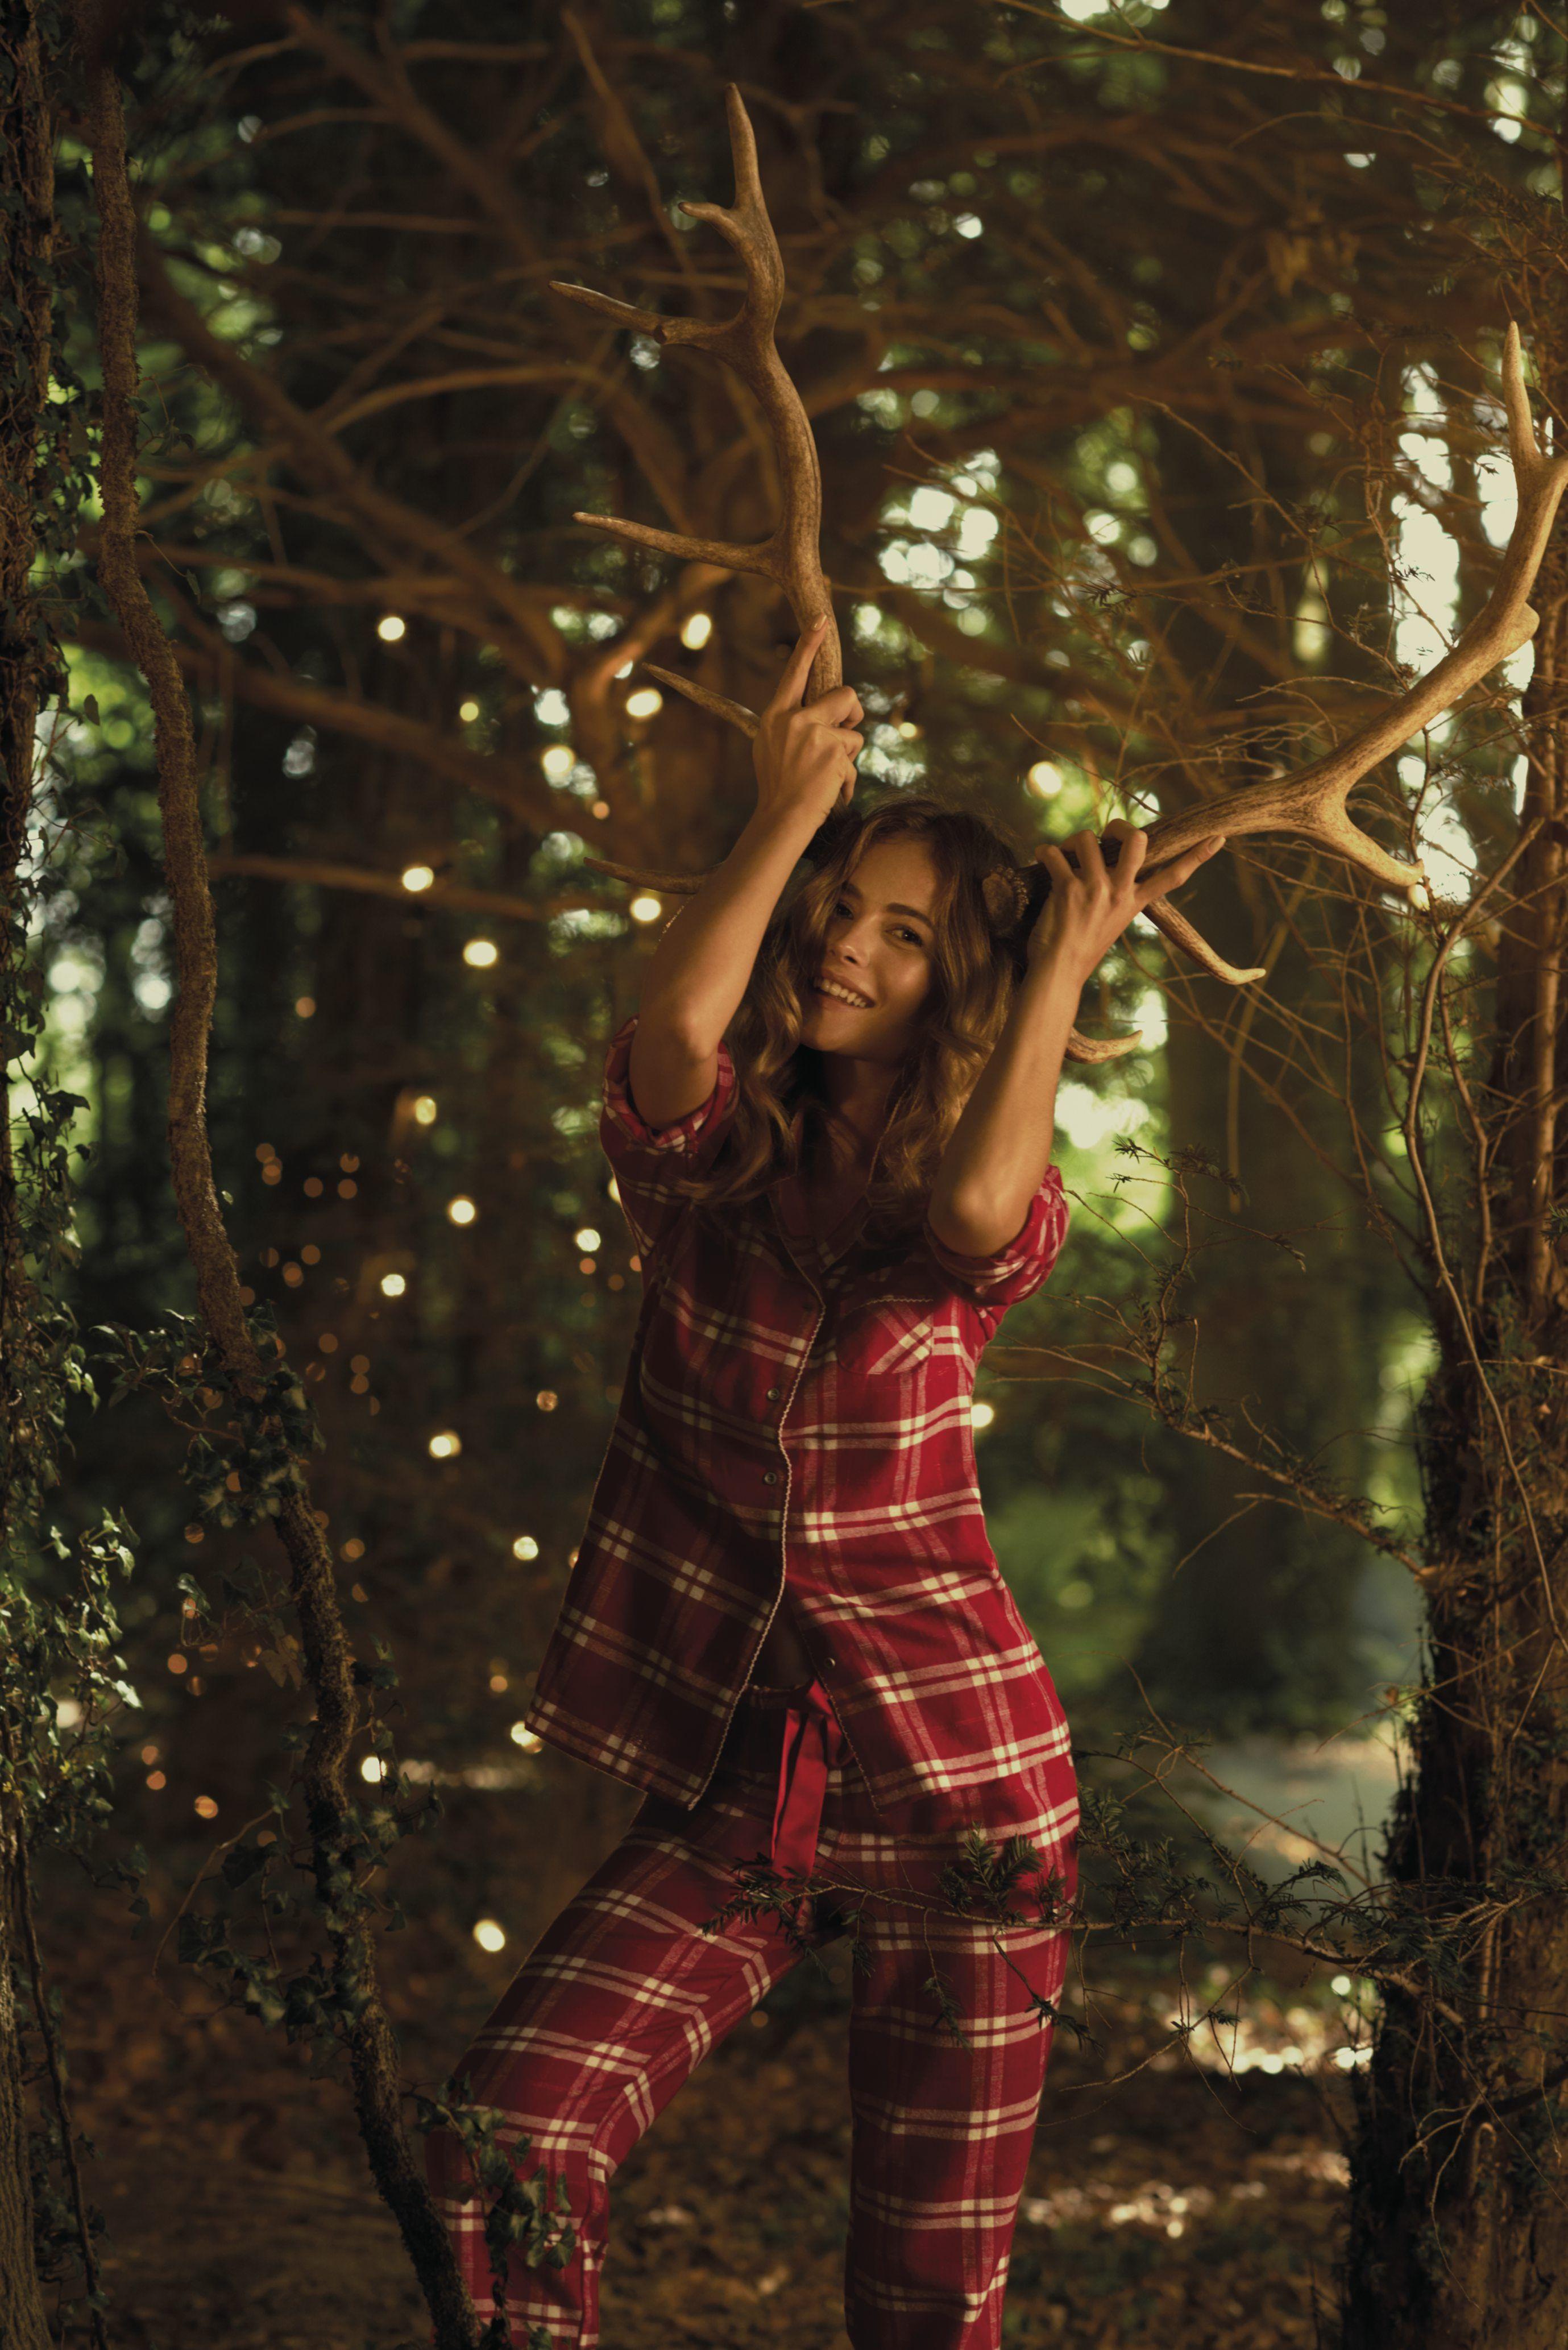 Fun red pyjamas! We love!